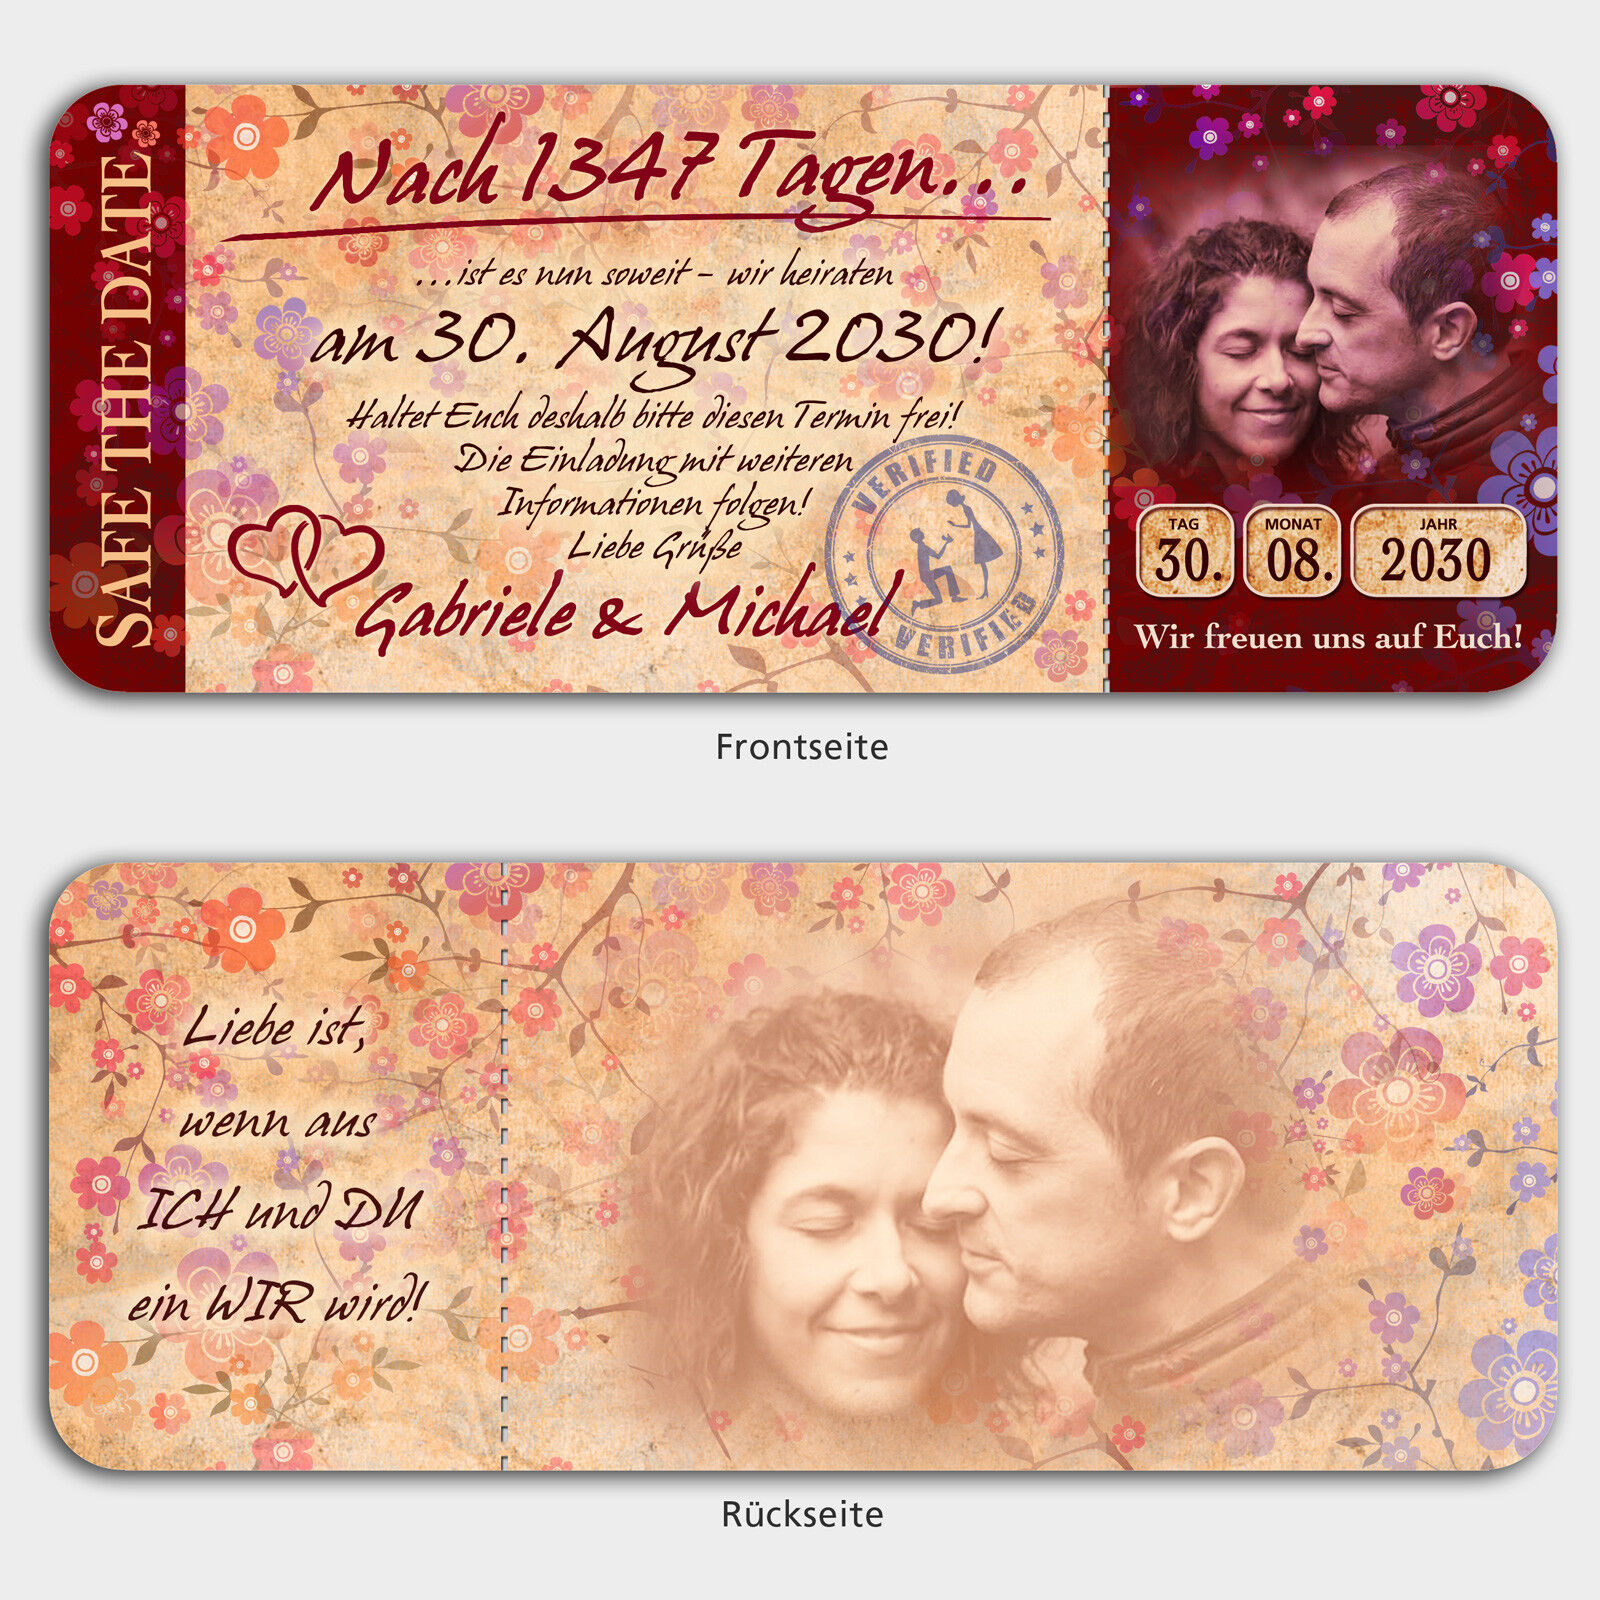 Personalisierte Save the Date Karten für Hochzeit, Silber- Goldhochzeit   Viele Sorten    Smart